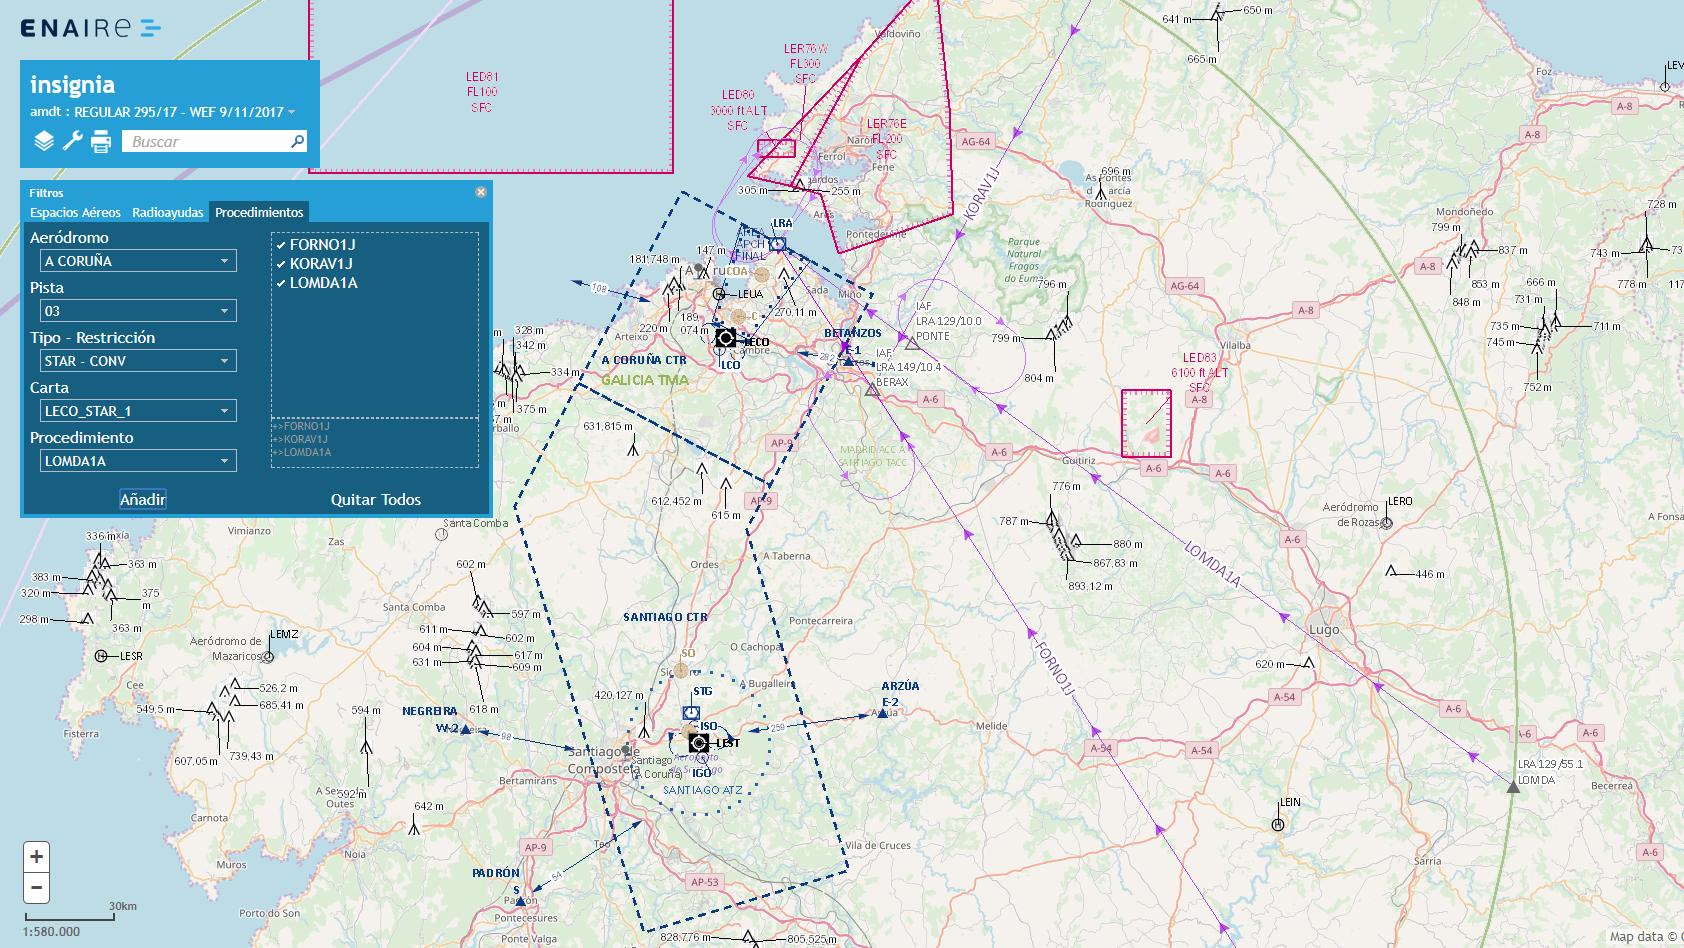 Insignia, GIS de información aeronáutica. Gilitadas